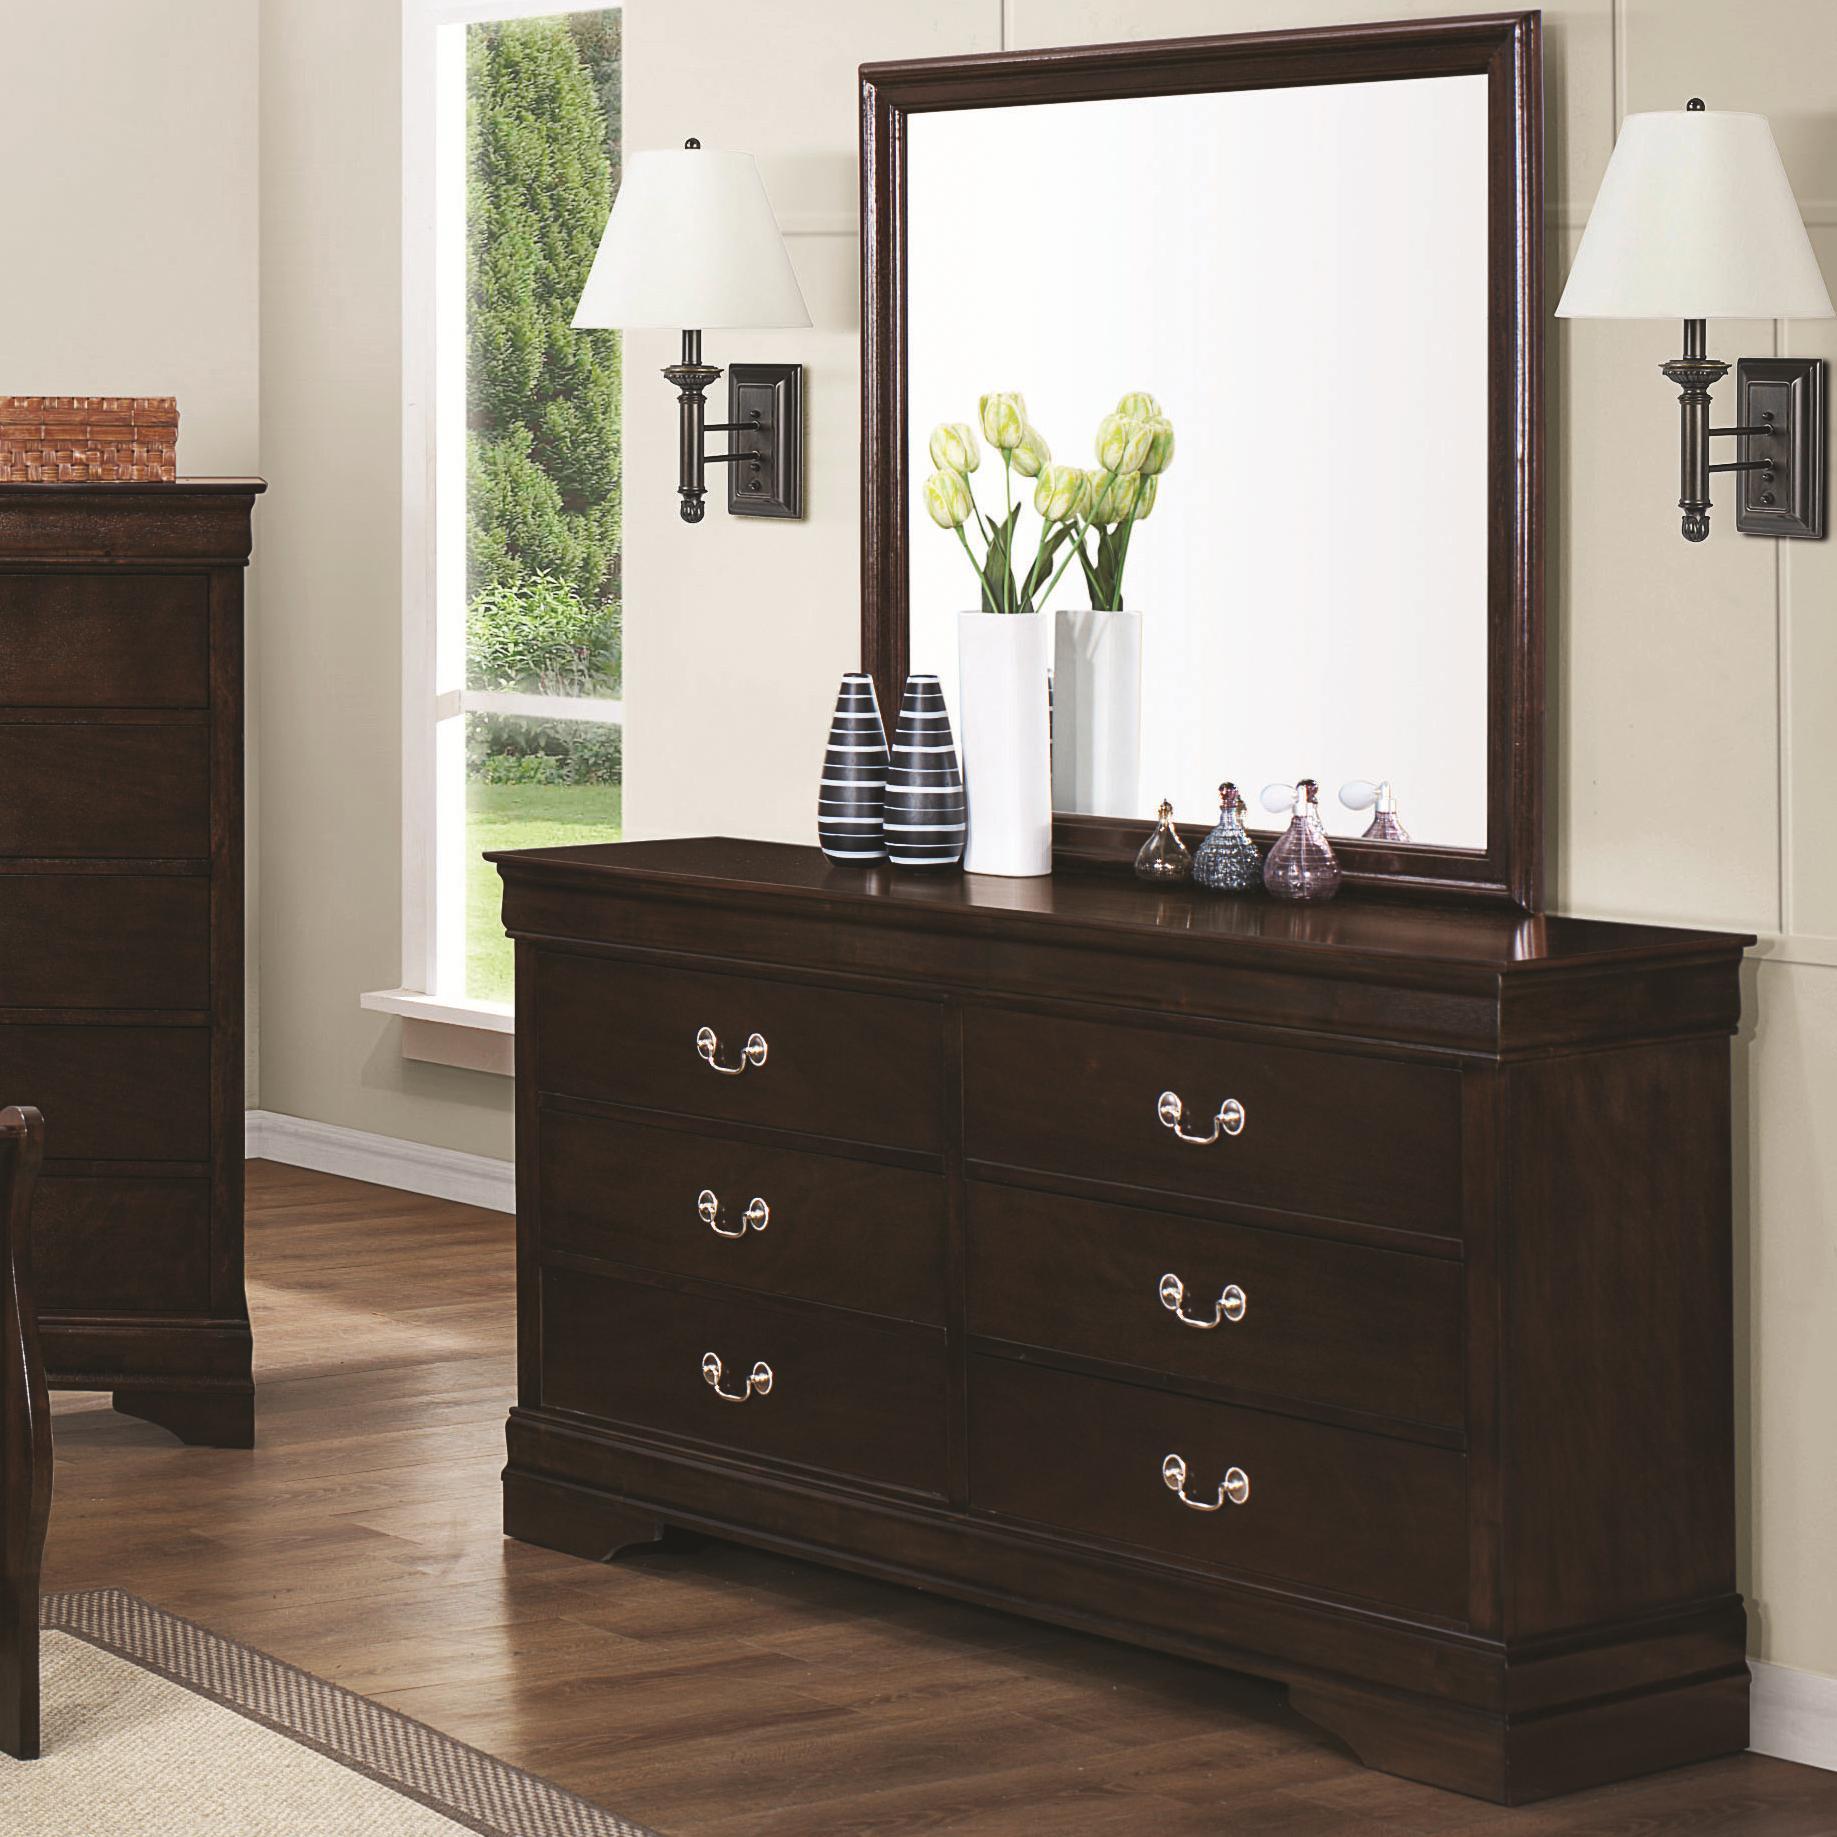 Coaster Louis Philippe 202 Dresser & Mirror - Item Number: 202413+14